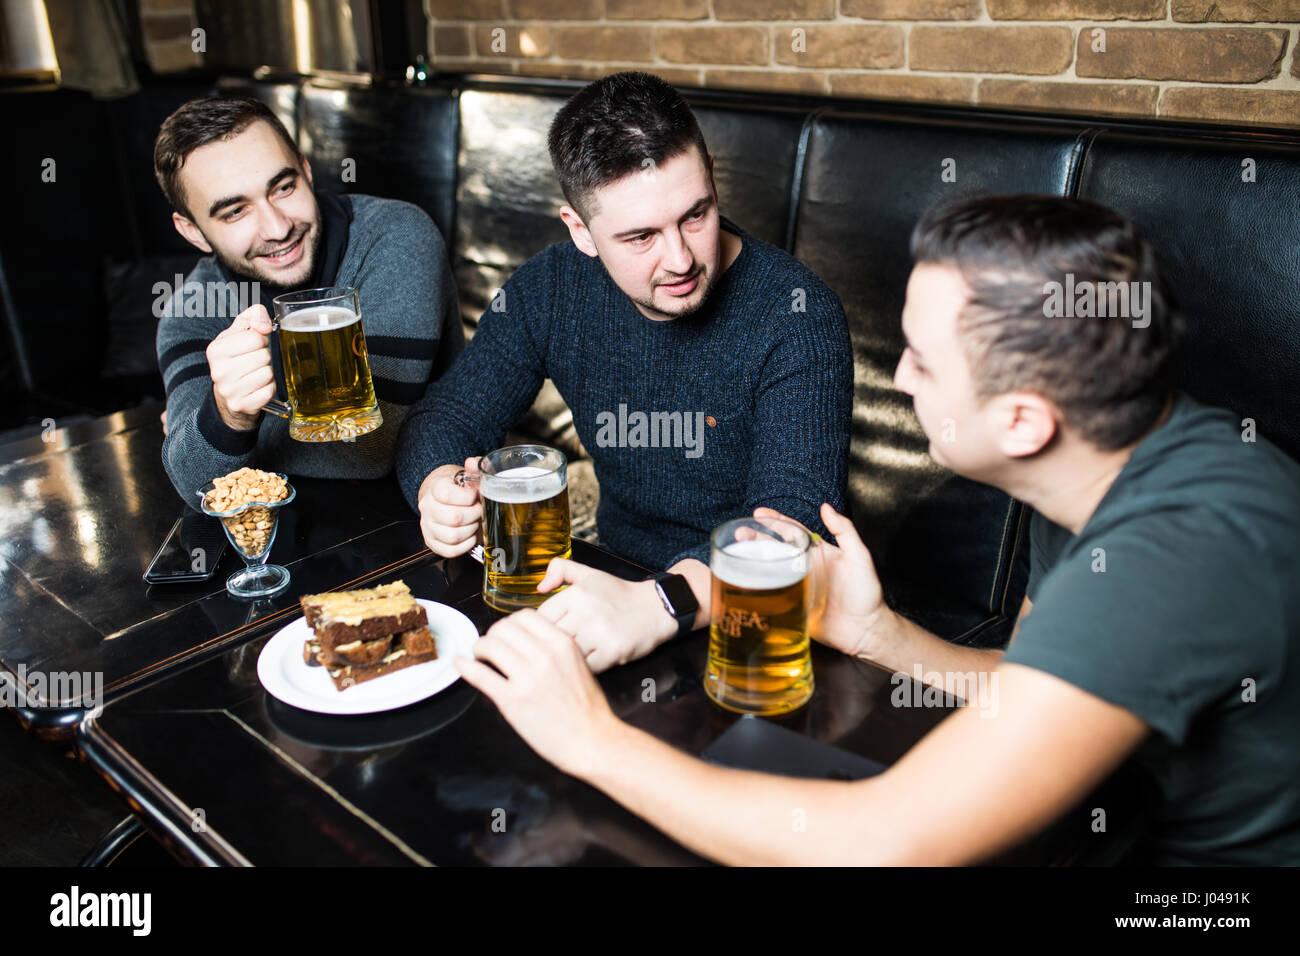 Tres hombres jóvenes felices en ropa casual hablando y bebiendo cerveza mientras está sentado en un bar Imagen De Stock